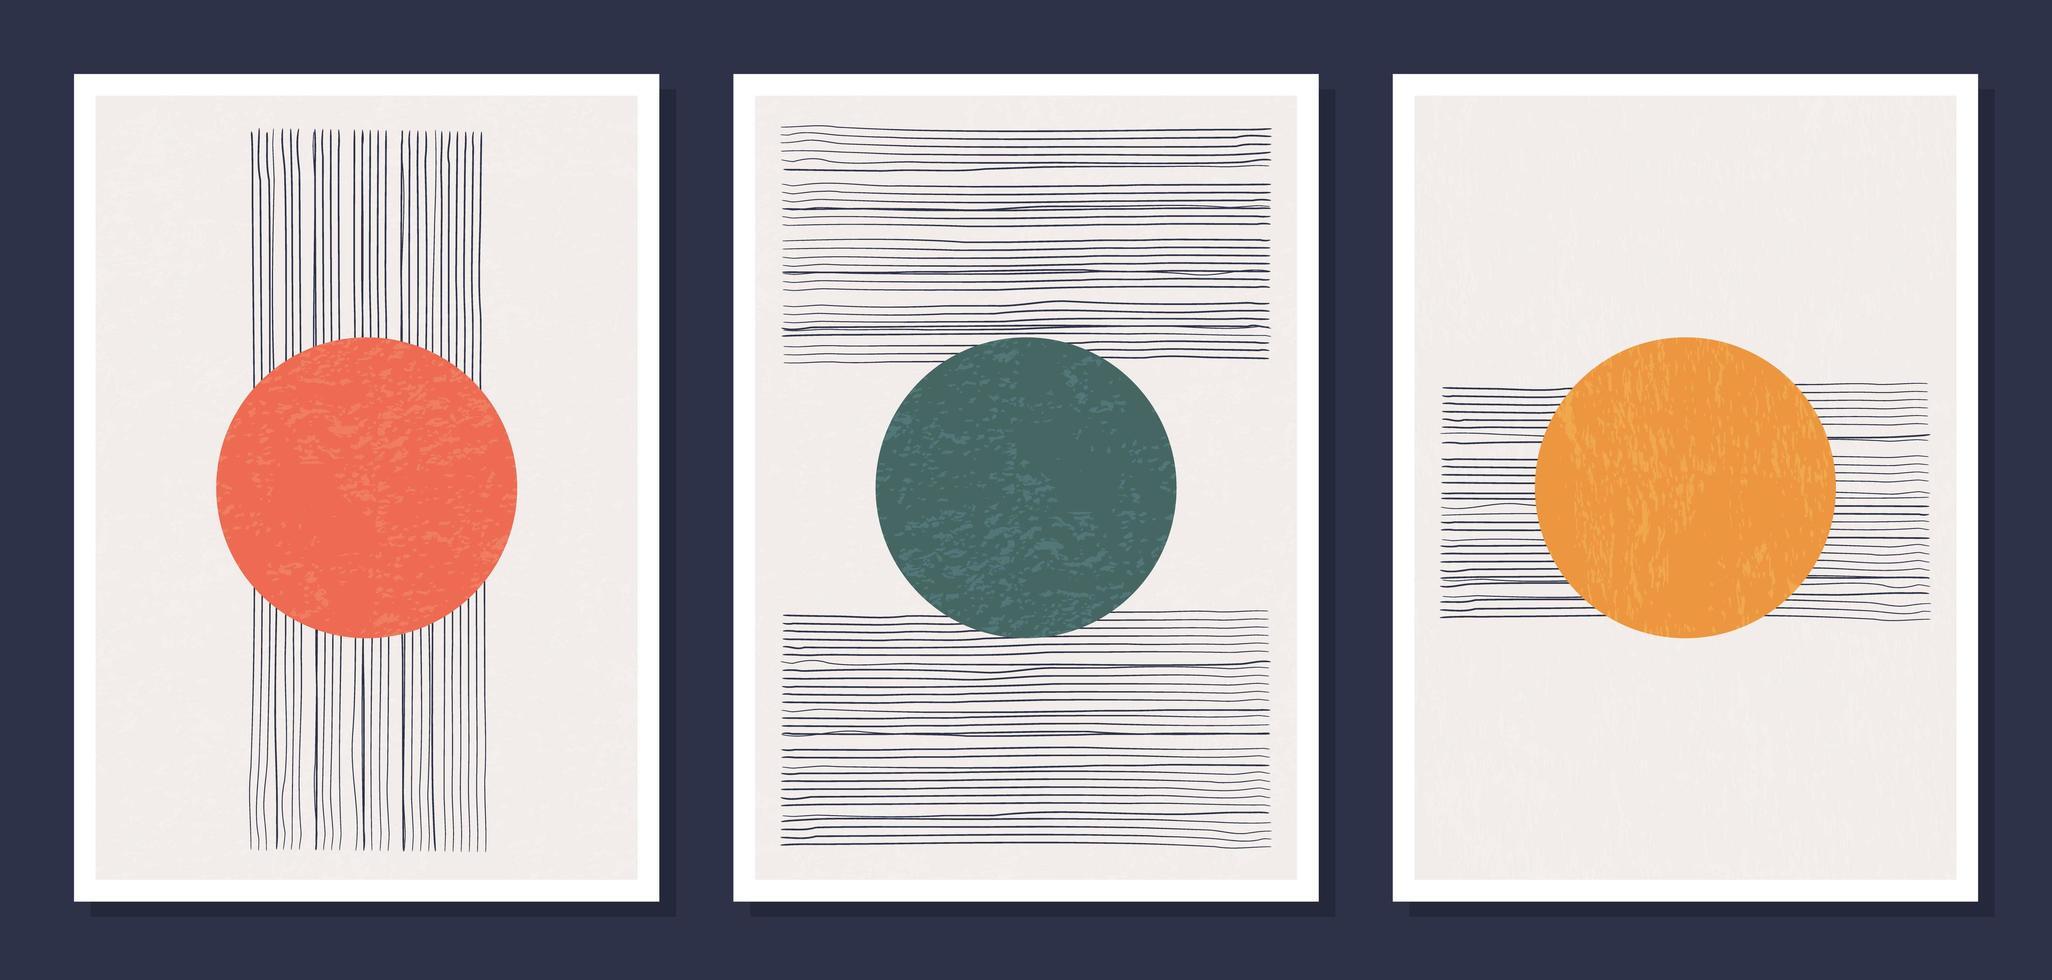 minimalistische geometrische Vektorgrafik-Wandplakate. Satz von minimalen 20s geometrischen abstrakten zeitgenössischen Plakaten Vektor-Vorlage mit primitiven Formen Elemente ideal für die Wanddekoration modernen Hipster-Stil vektor